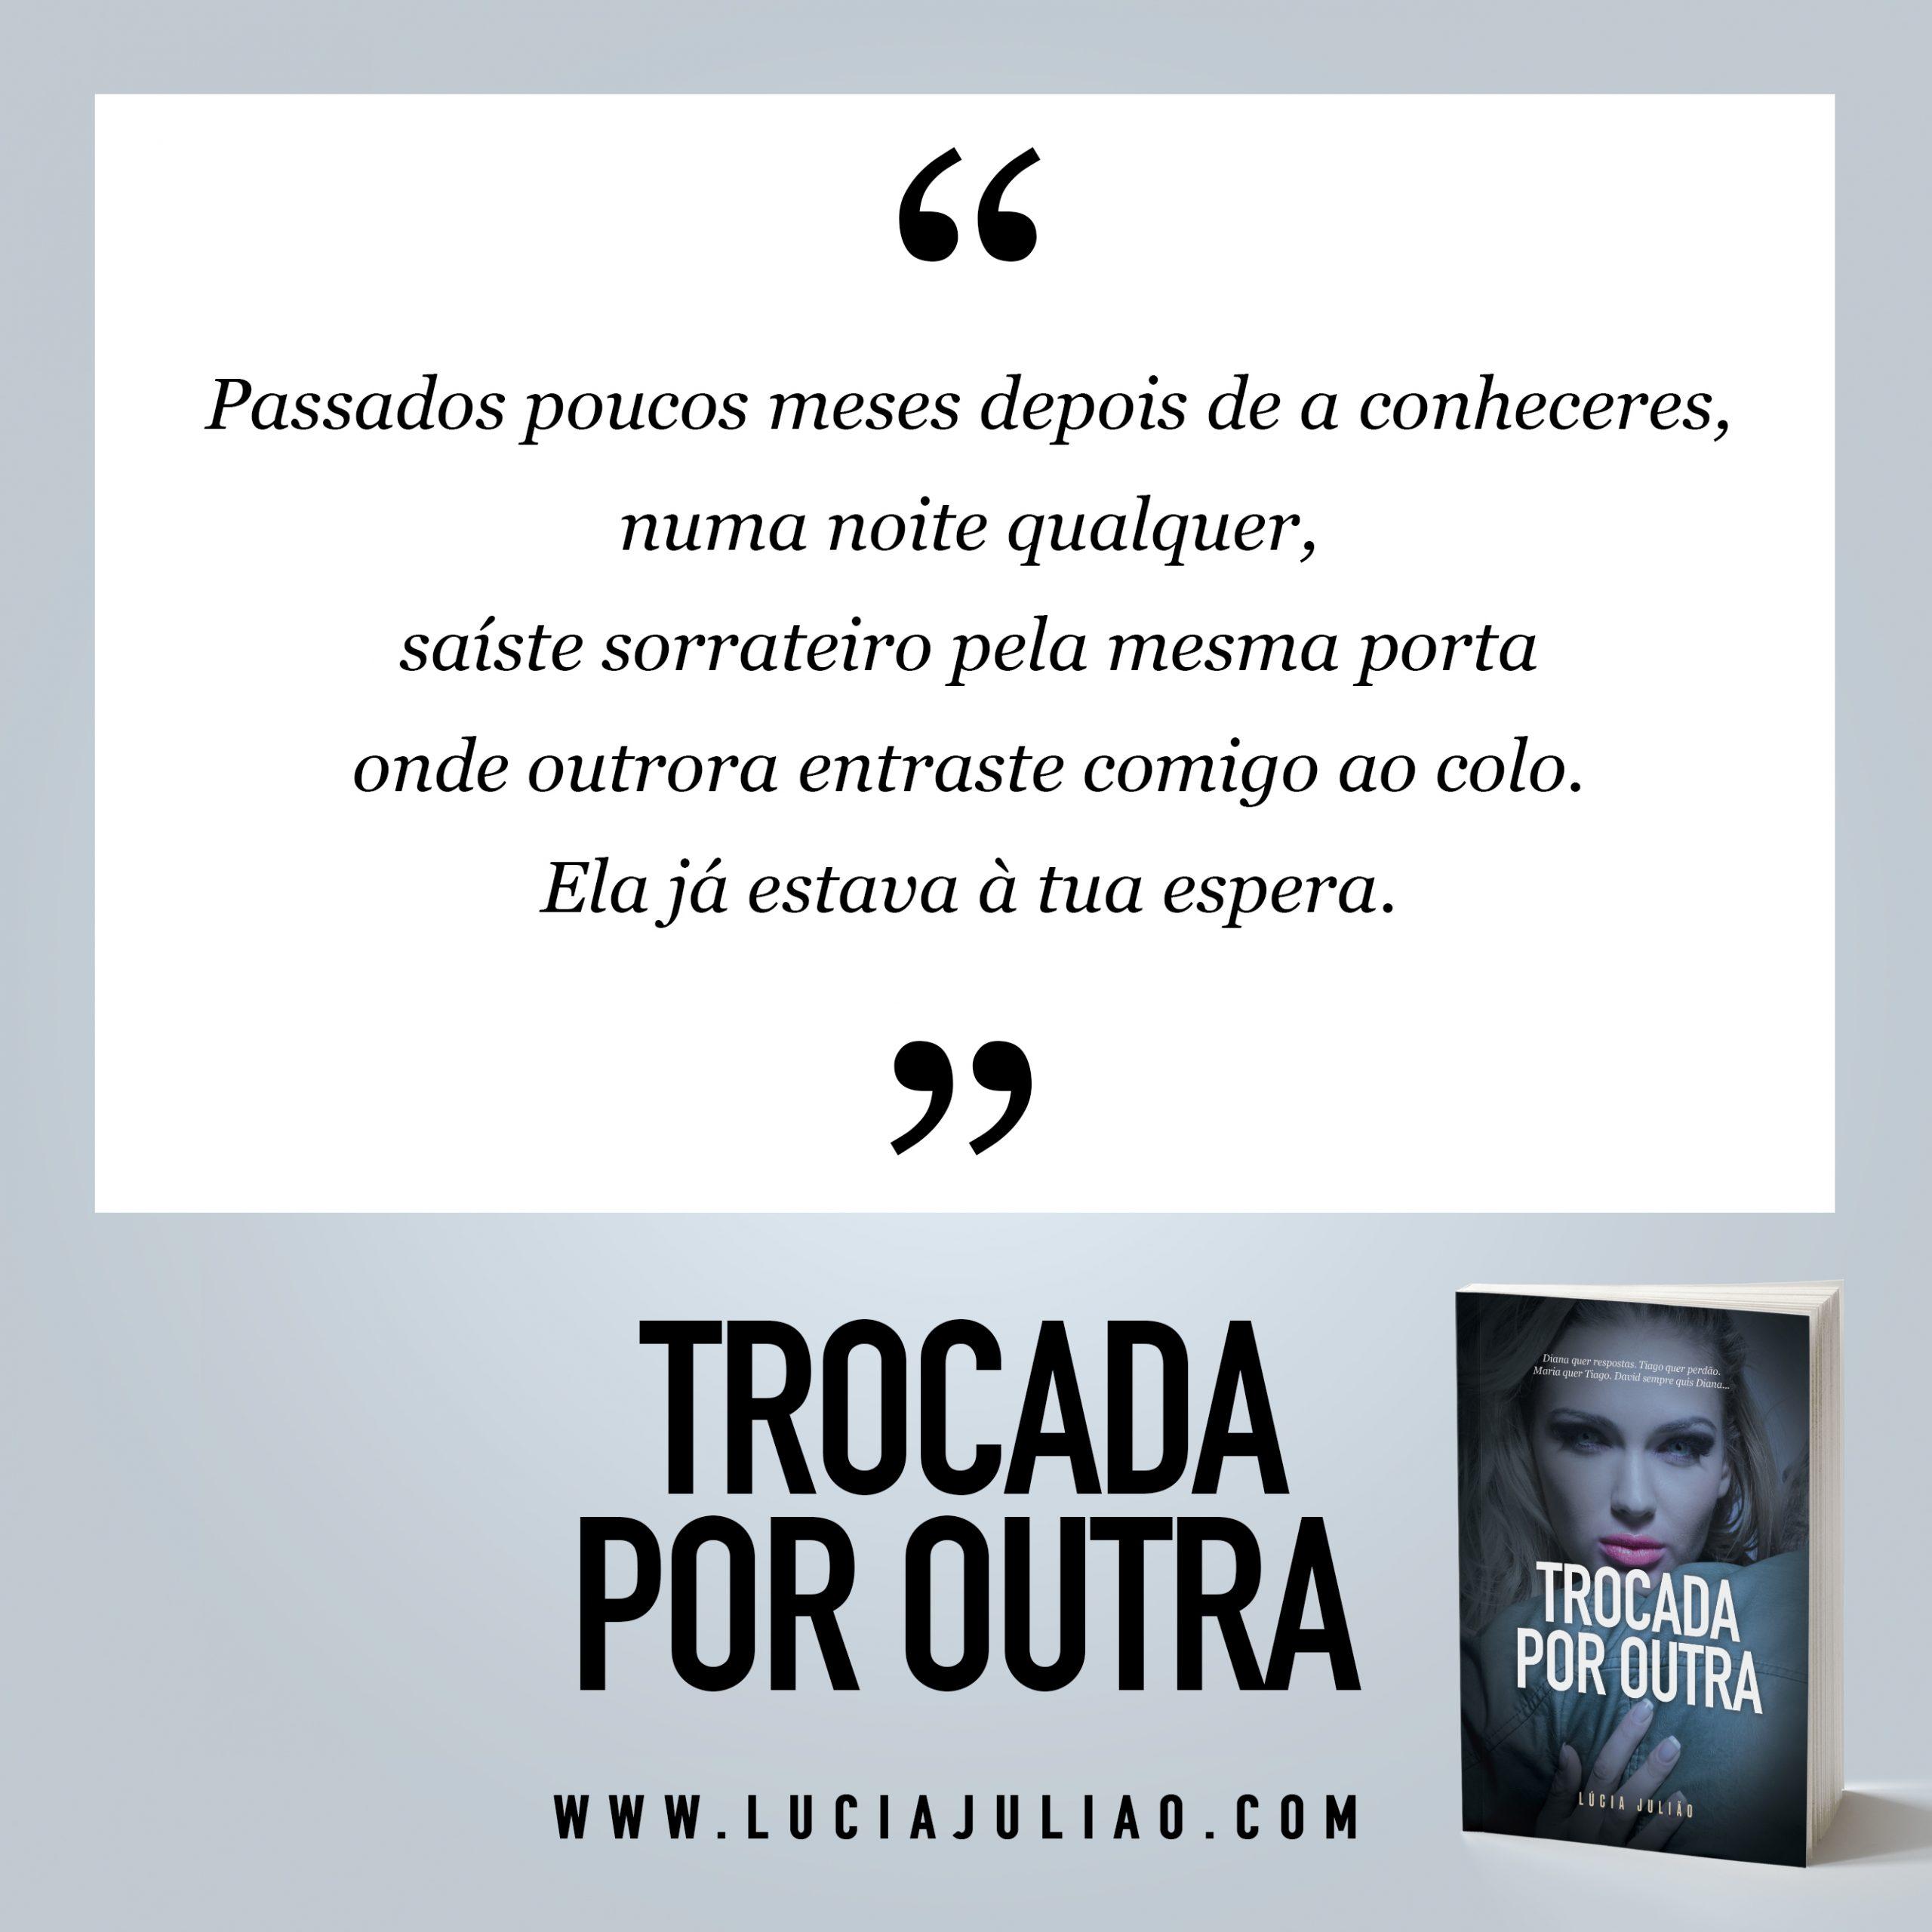 028Q - capitulo 8 Trocada por outra - Lúcia Julião